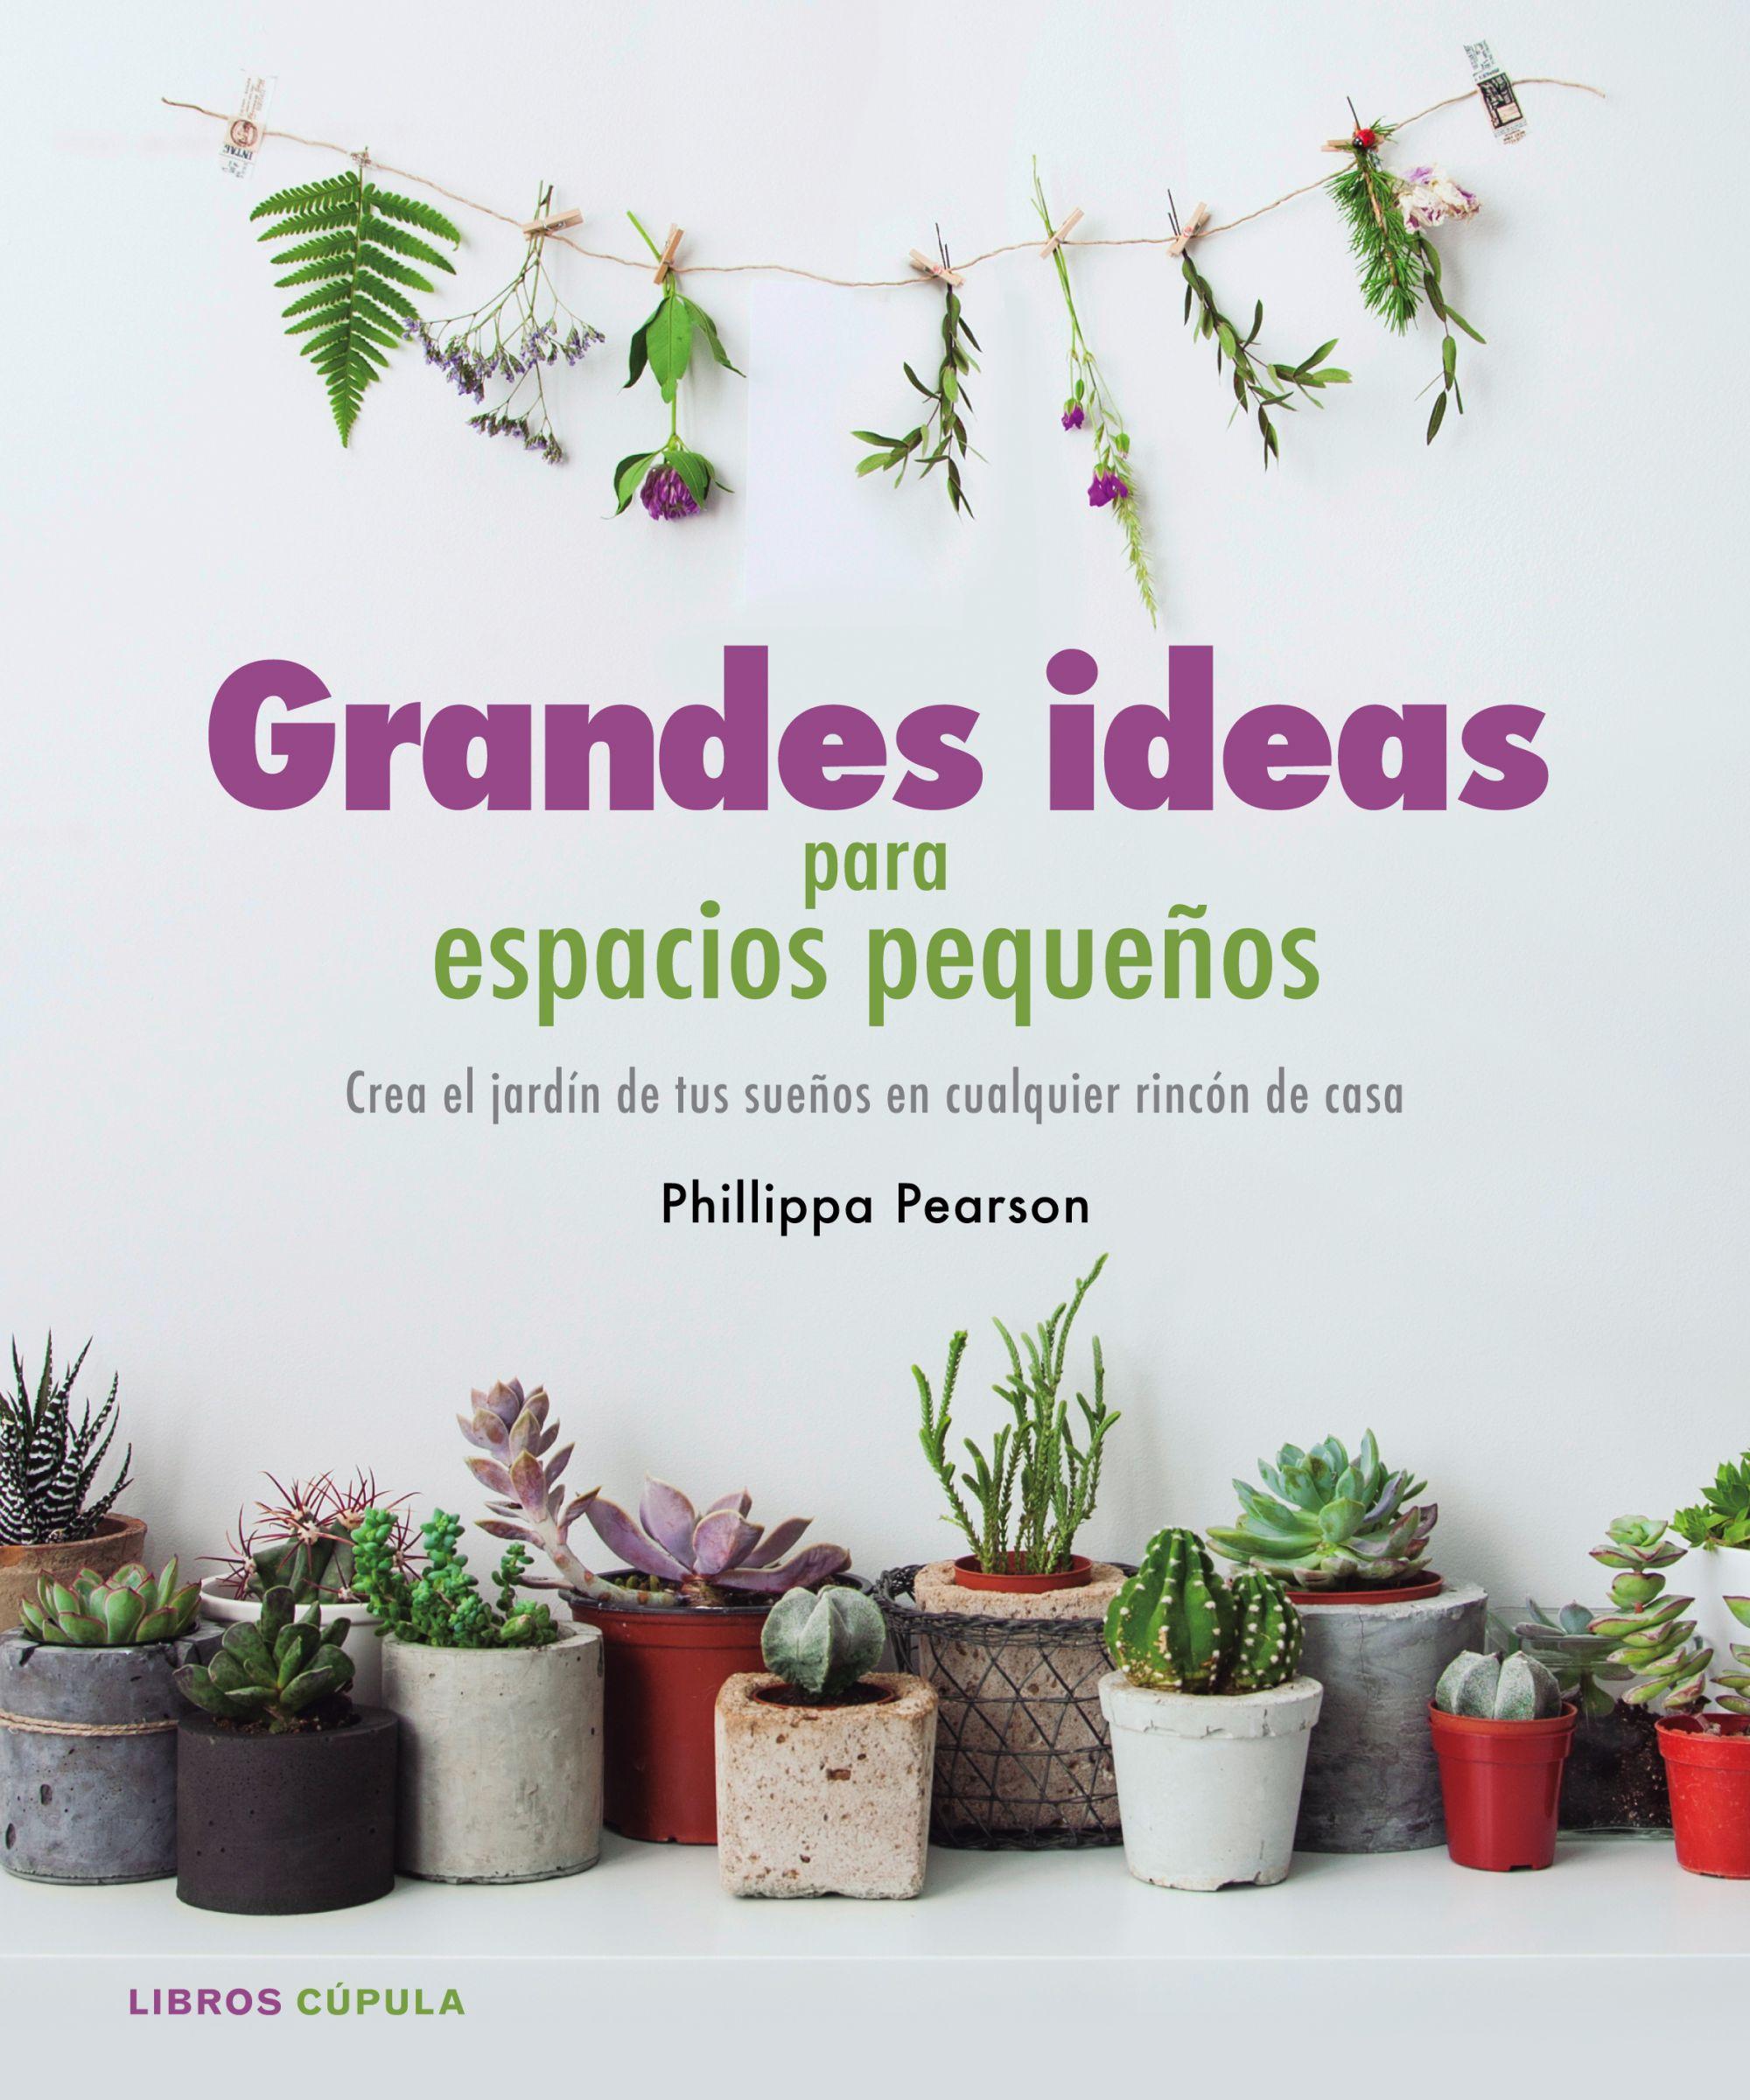 Grandes ideas para espacios peque os planeta de libros for Ideas para espacios pequenos